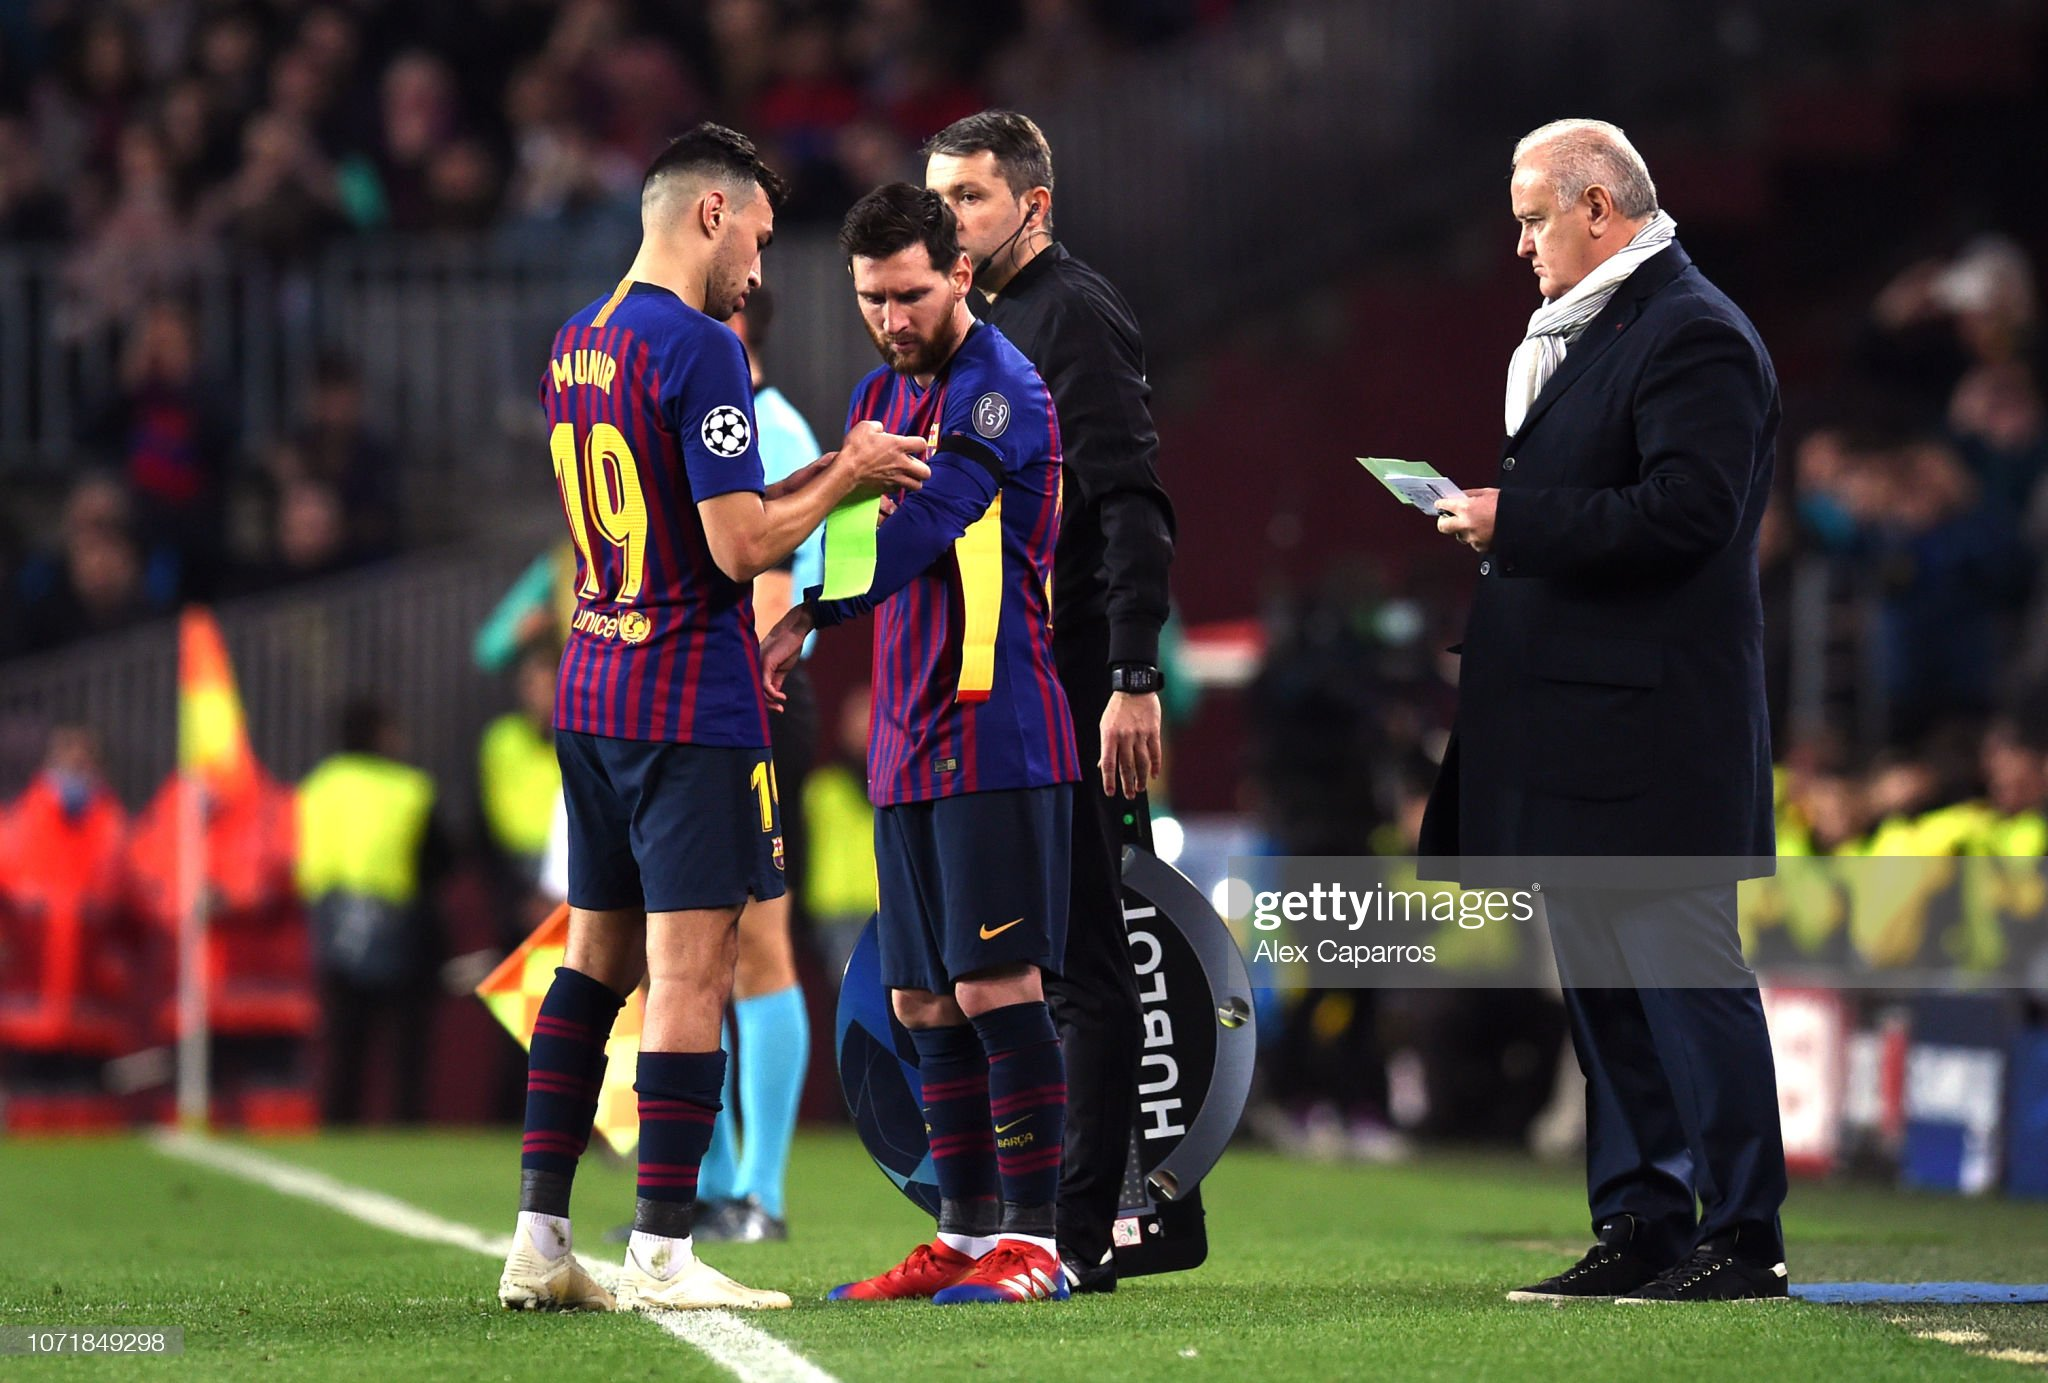 ¿Cuánto mide Munir El Haddadi? - Altura - Real height - Página 4 Lionel-messi-of-barcelona-replaces-munir-el-haddadi-as-a-substitute-picture-id1071849298?s=2048x2048